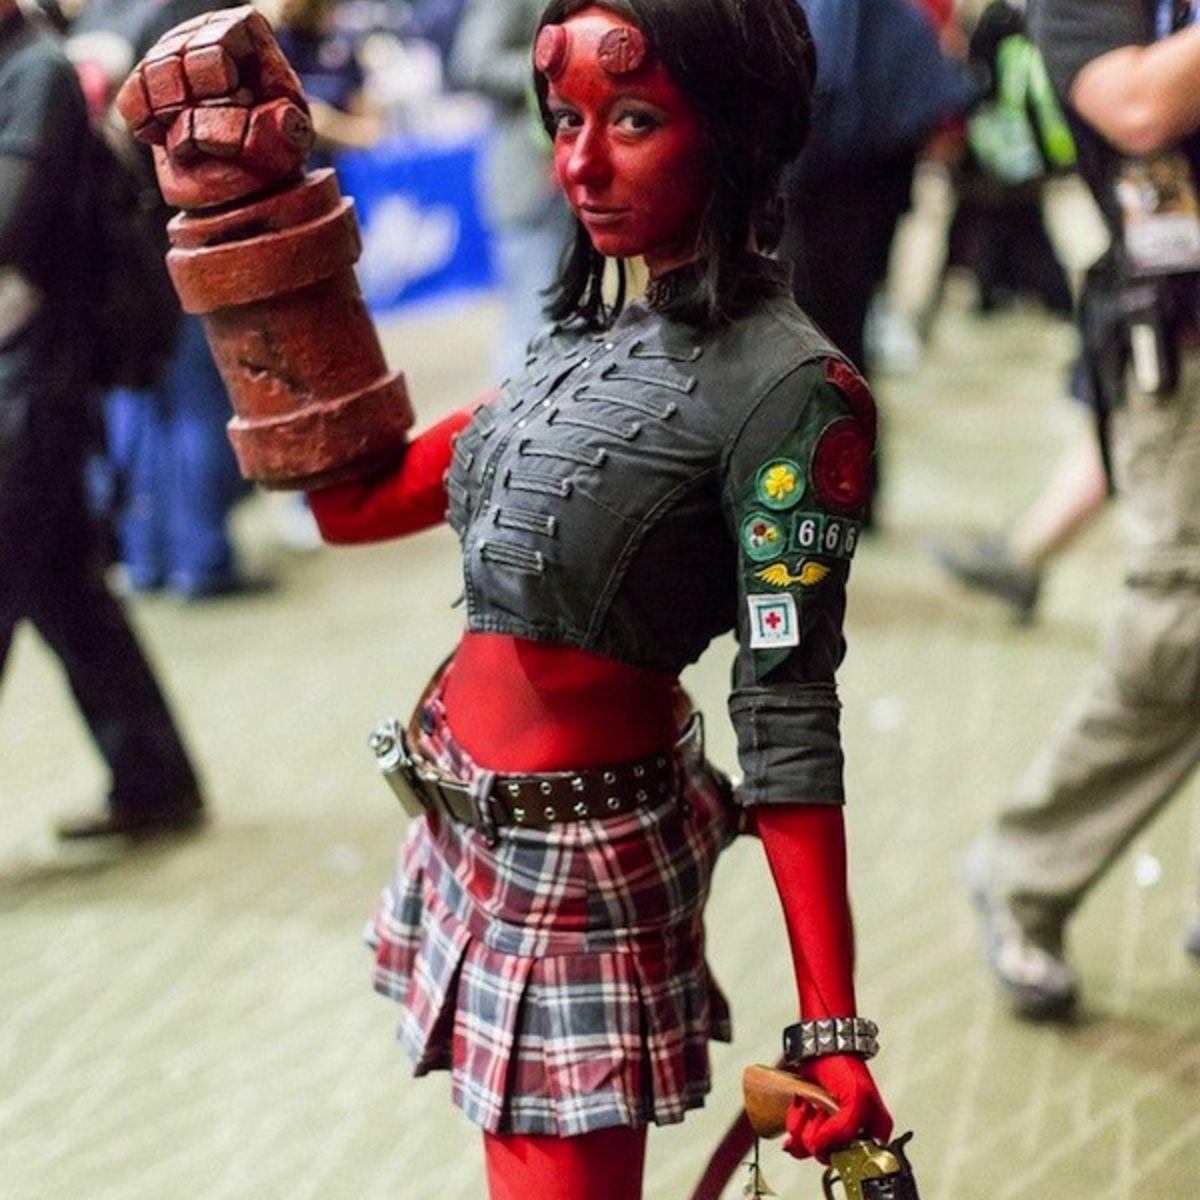 hellgirl-cosplay.jpg